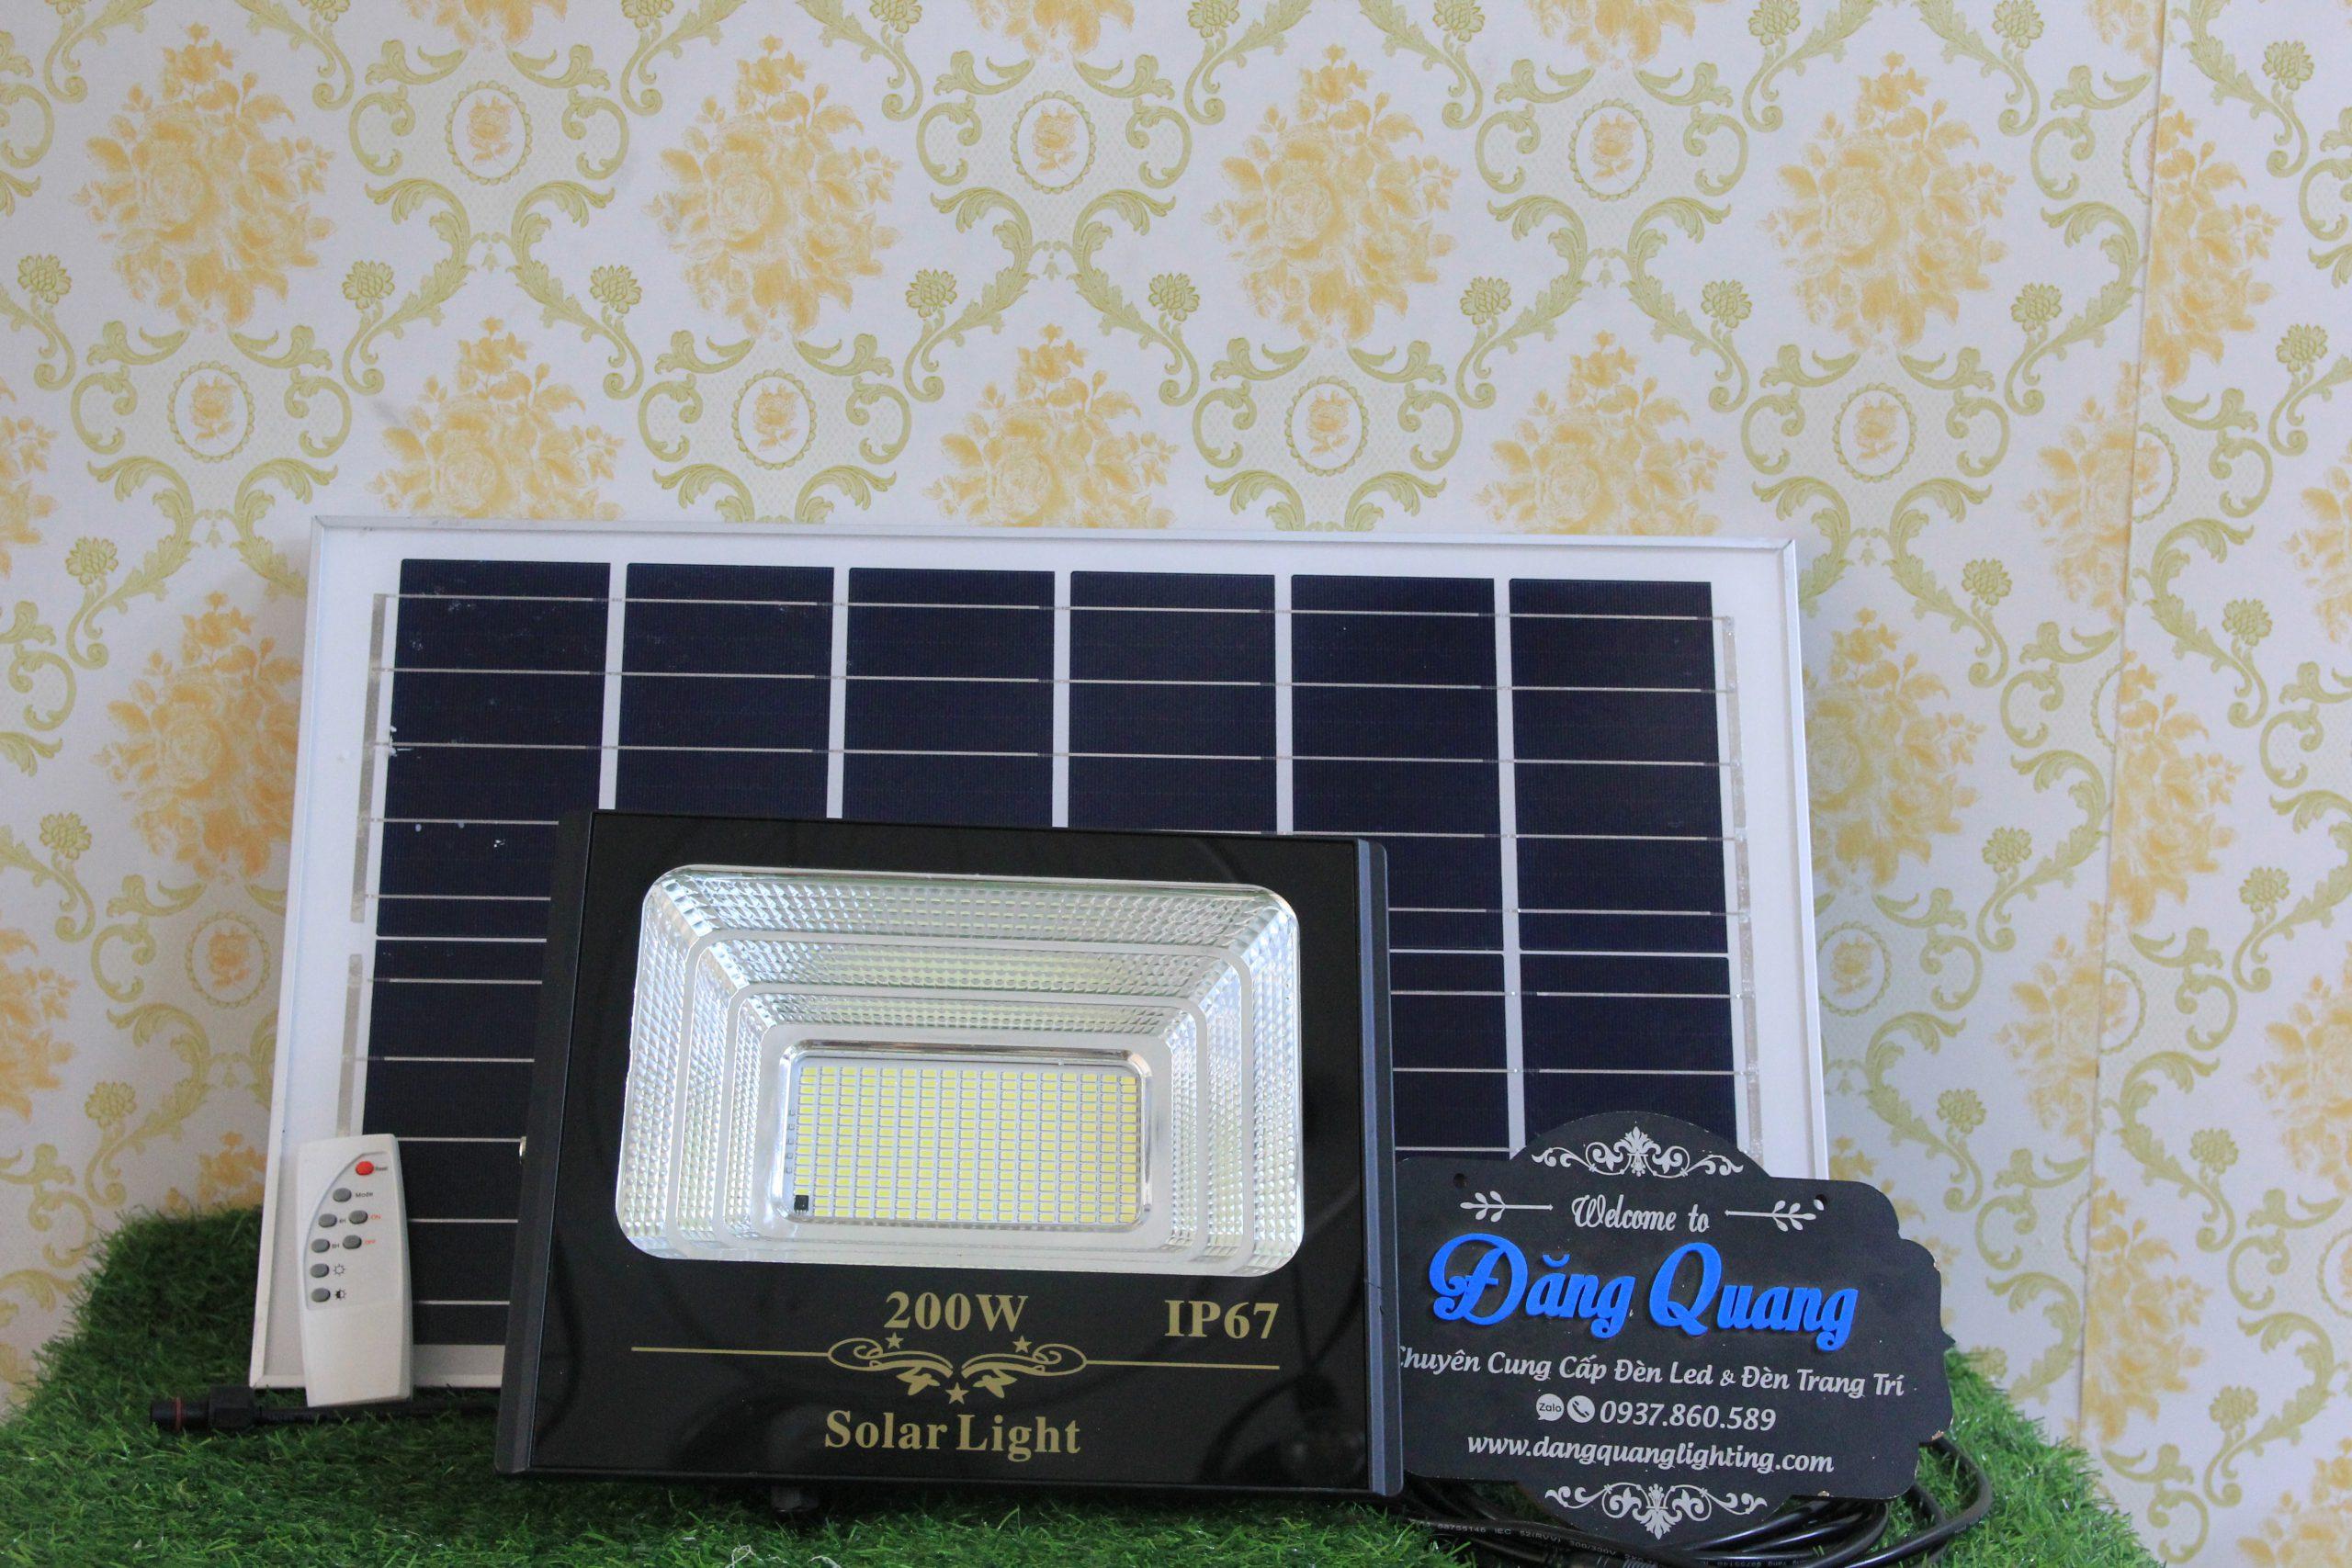 den nang luong mat troi 200w 2 scaled - Đèn pha năng lượng mặt trời 200W